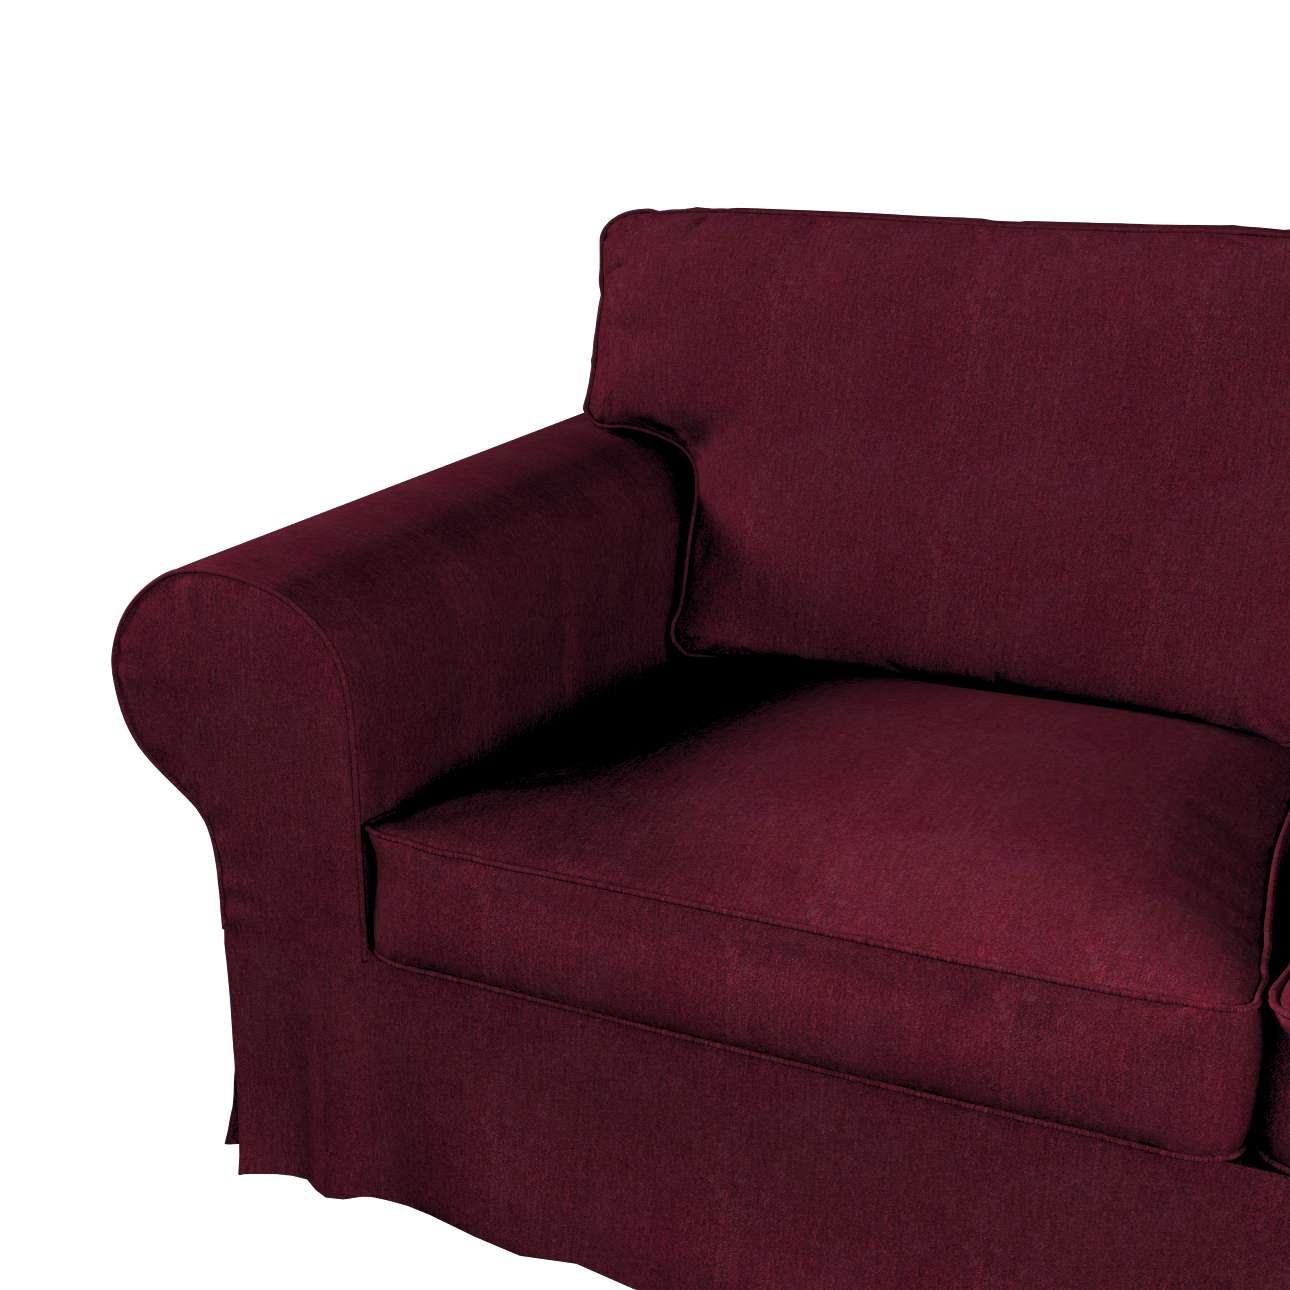 Bezug für Ektorp 2-Sitzer Sofa mit Recamiere von der Kollektion Chenille, Stoff: 702-19